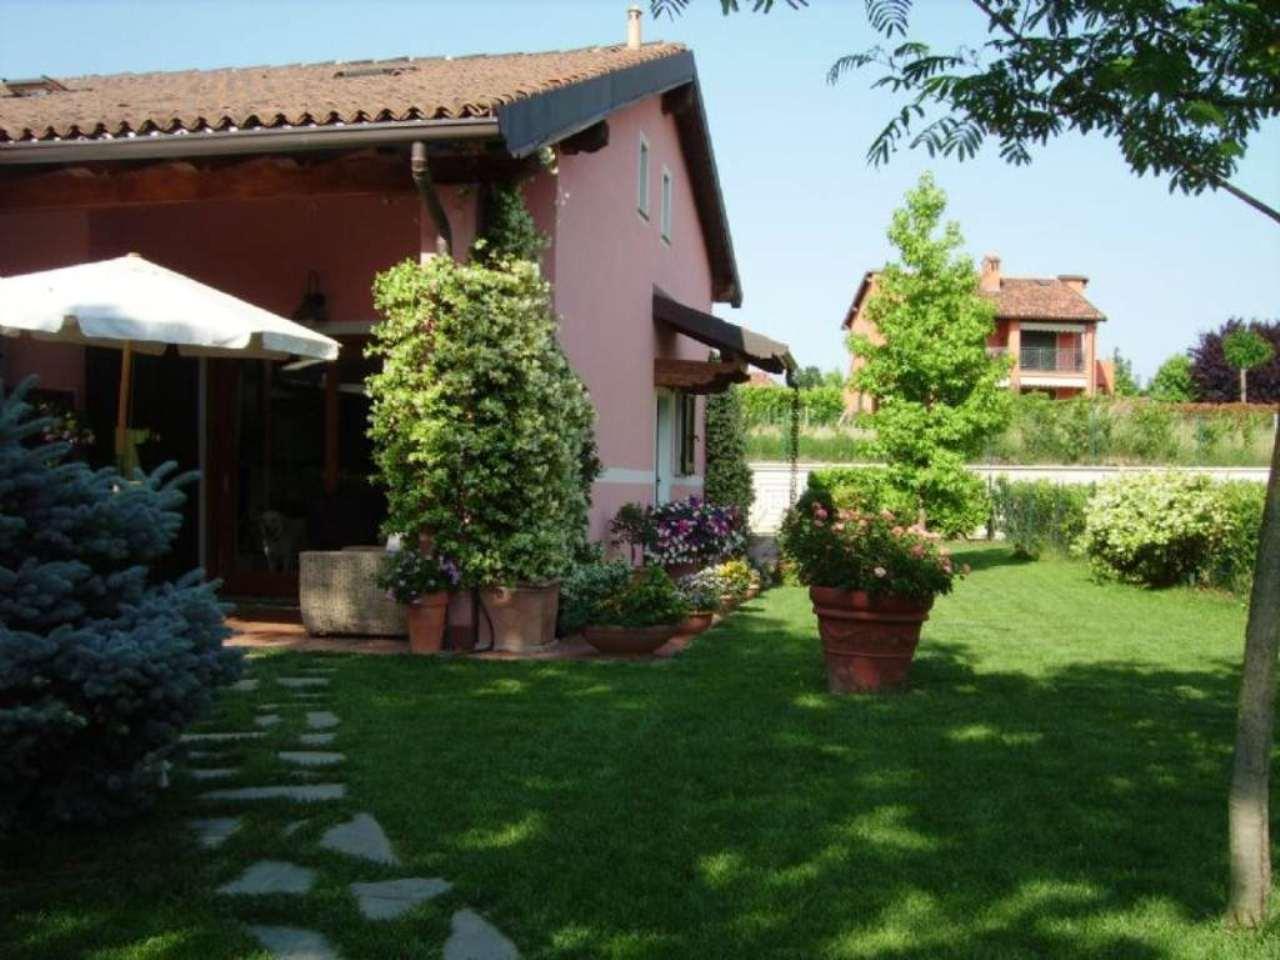 Soluzione Semindipendente in vendita a Tassarolo, 4 locali, prezzo € 155.000 | Cambio Casa.it